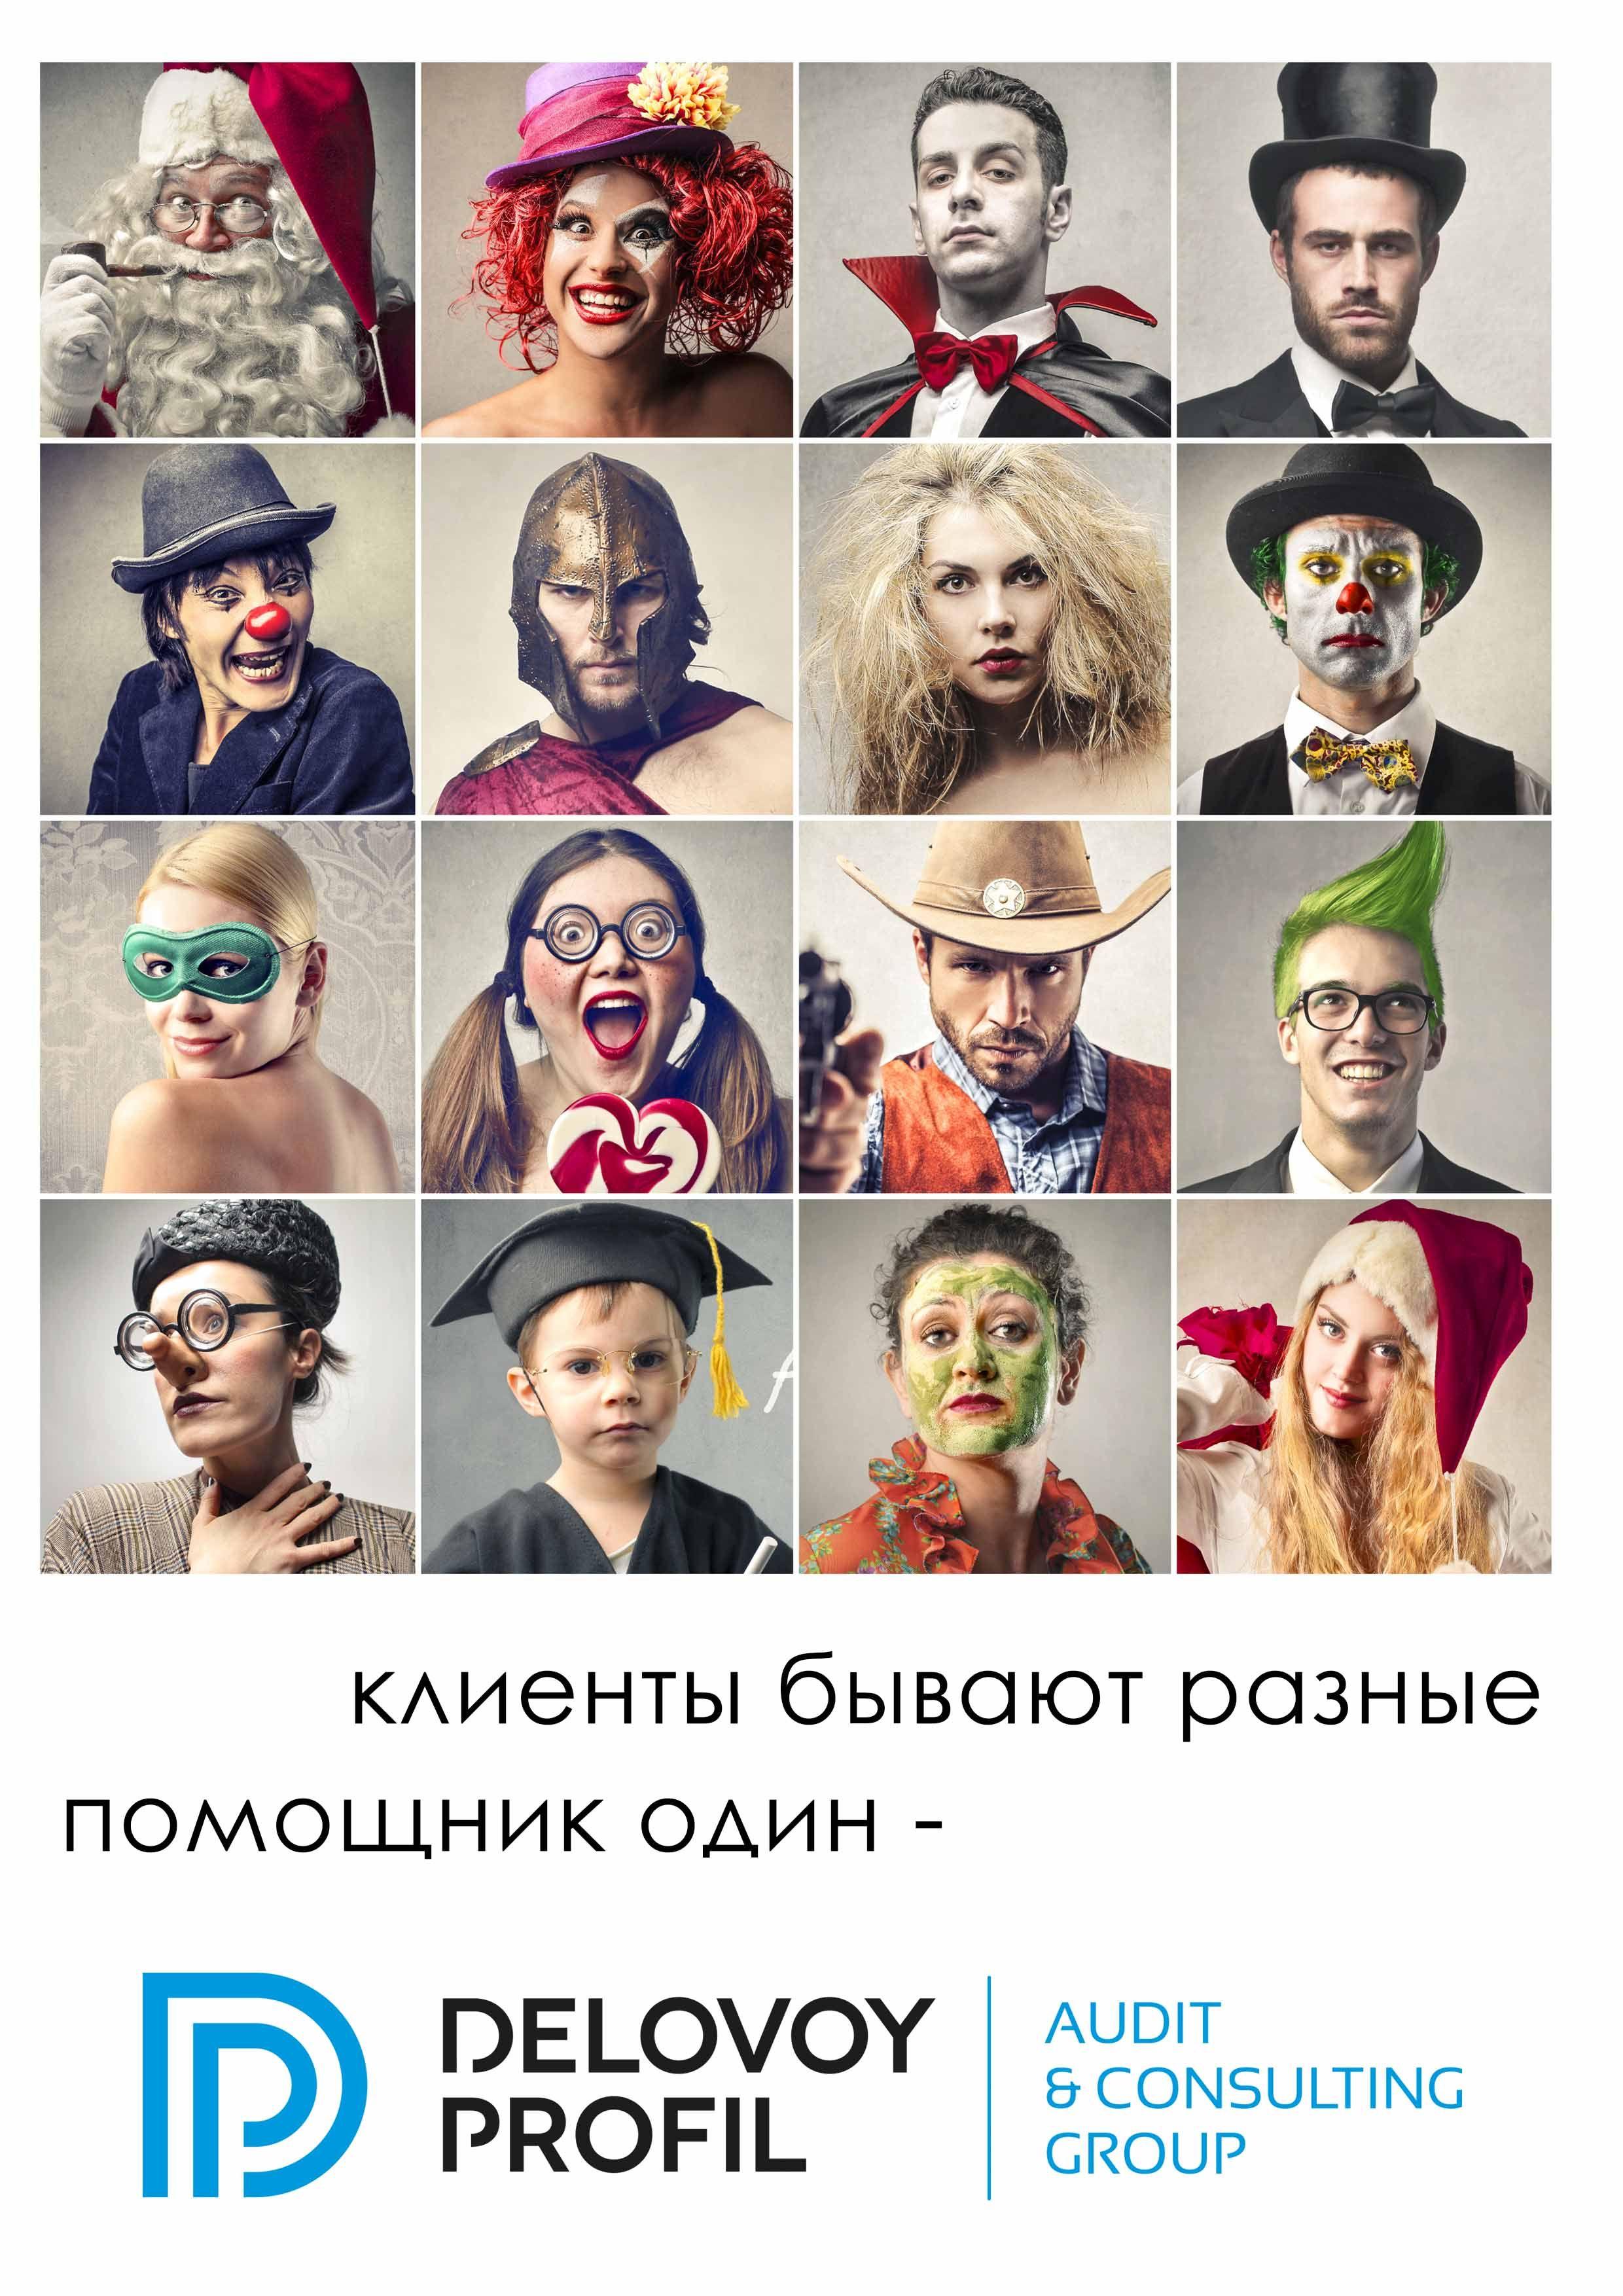 Креатив в печатный журнал - дизайнер valeriana_88